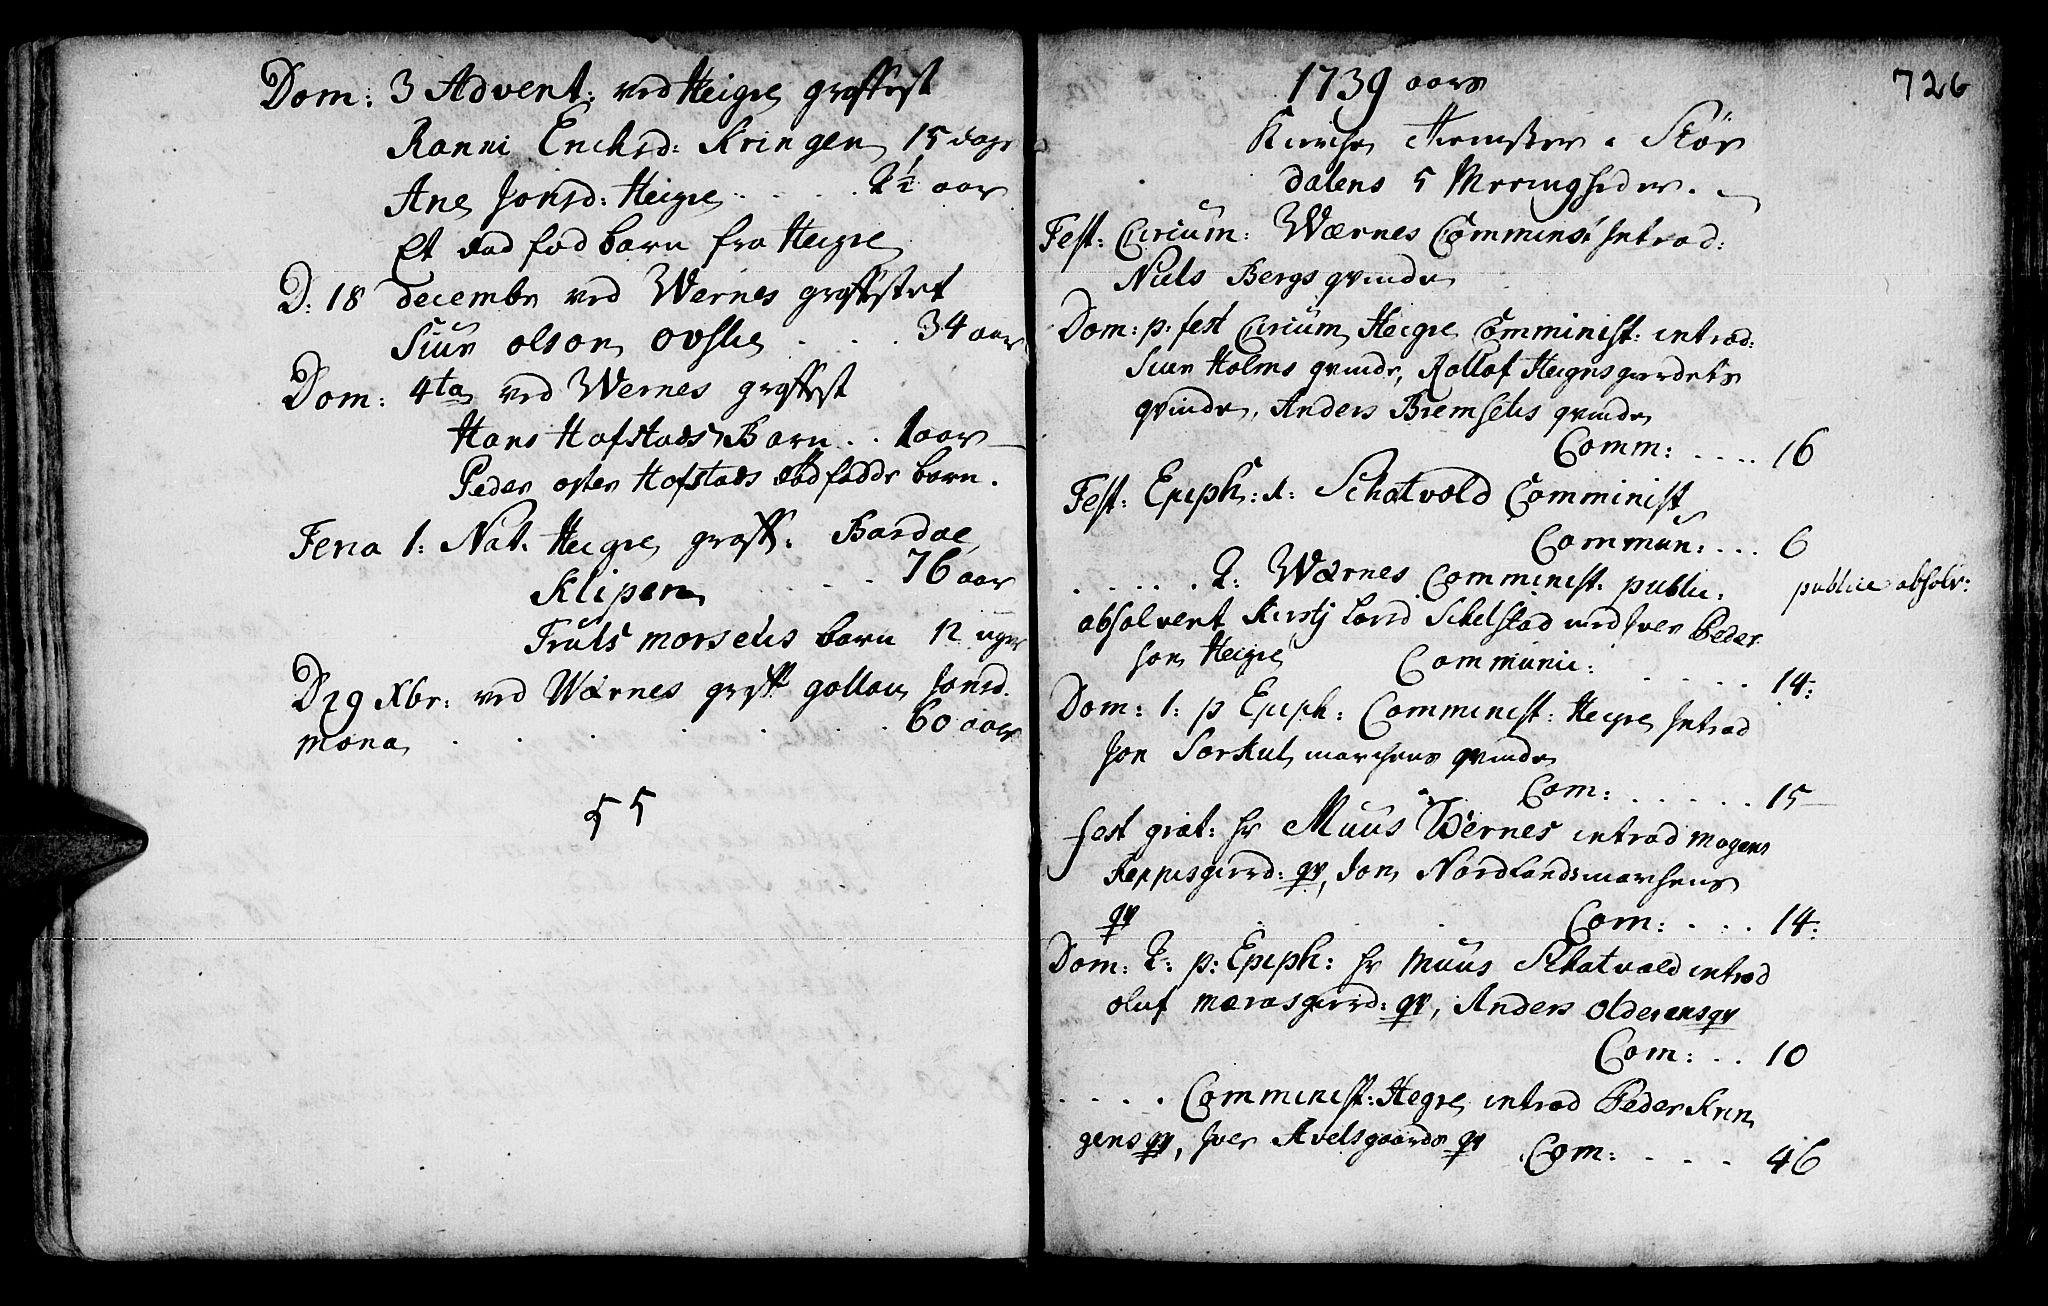 SAT, Ministerialprotokoller, klokkerbøker og fødselsregistre - Nord-Trøndelag, 709/L0055: Ministerialbok nr. 709A03, 1730-1739, s. 725-726